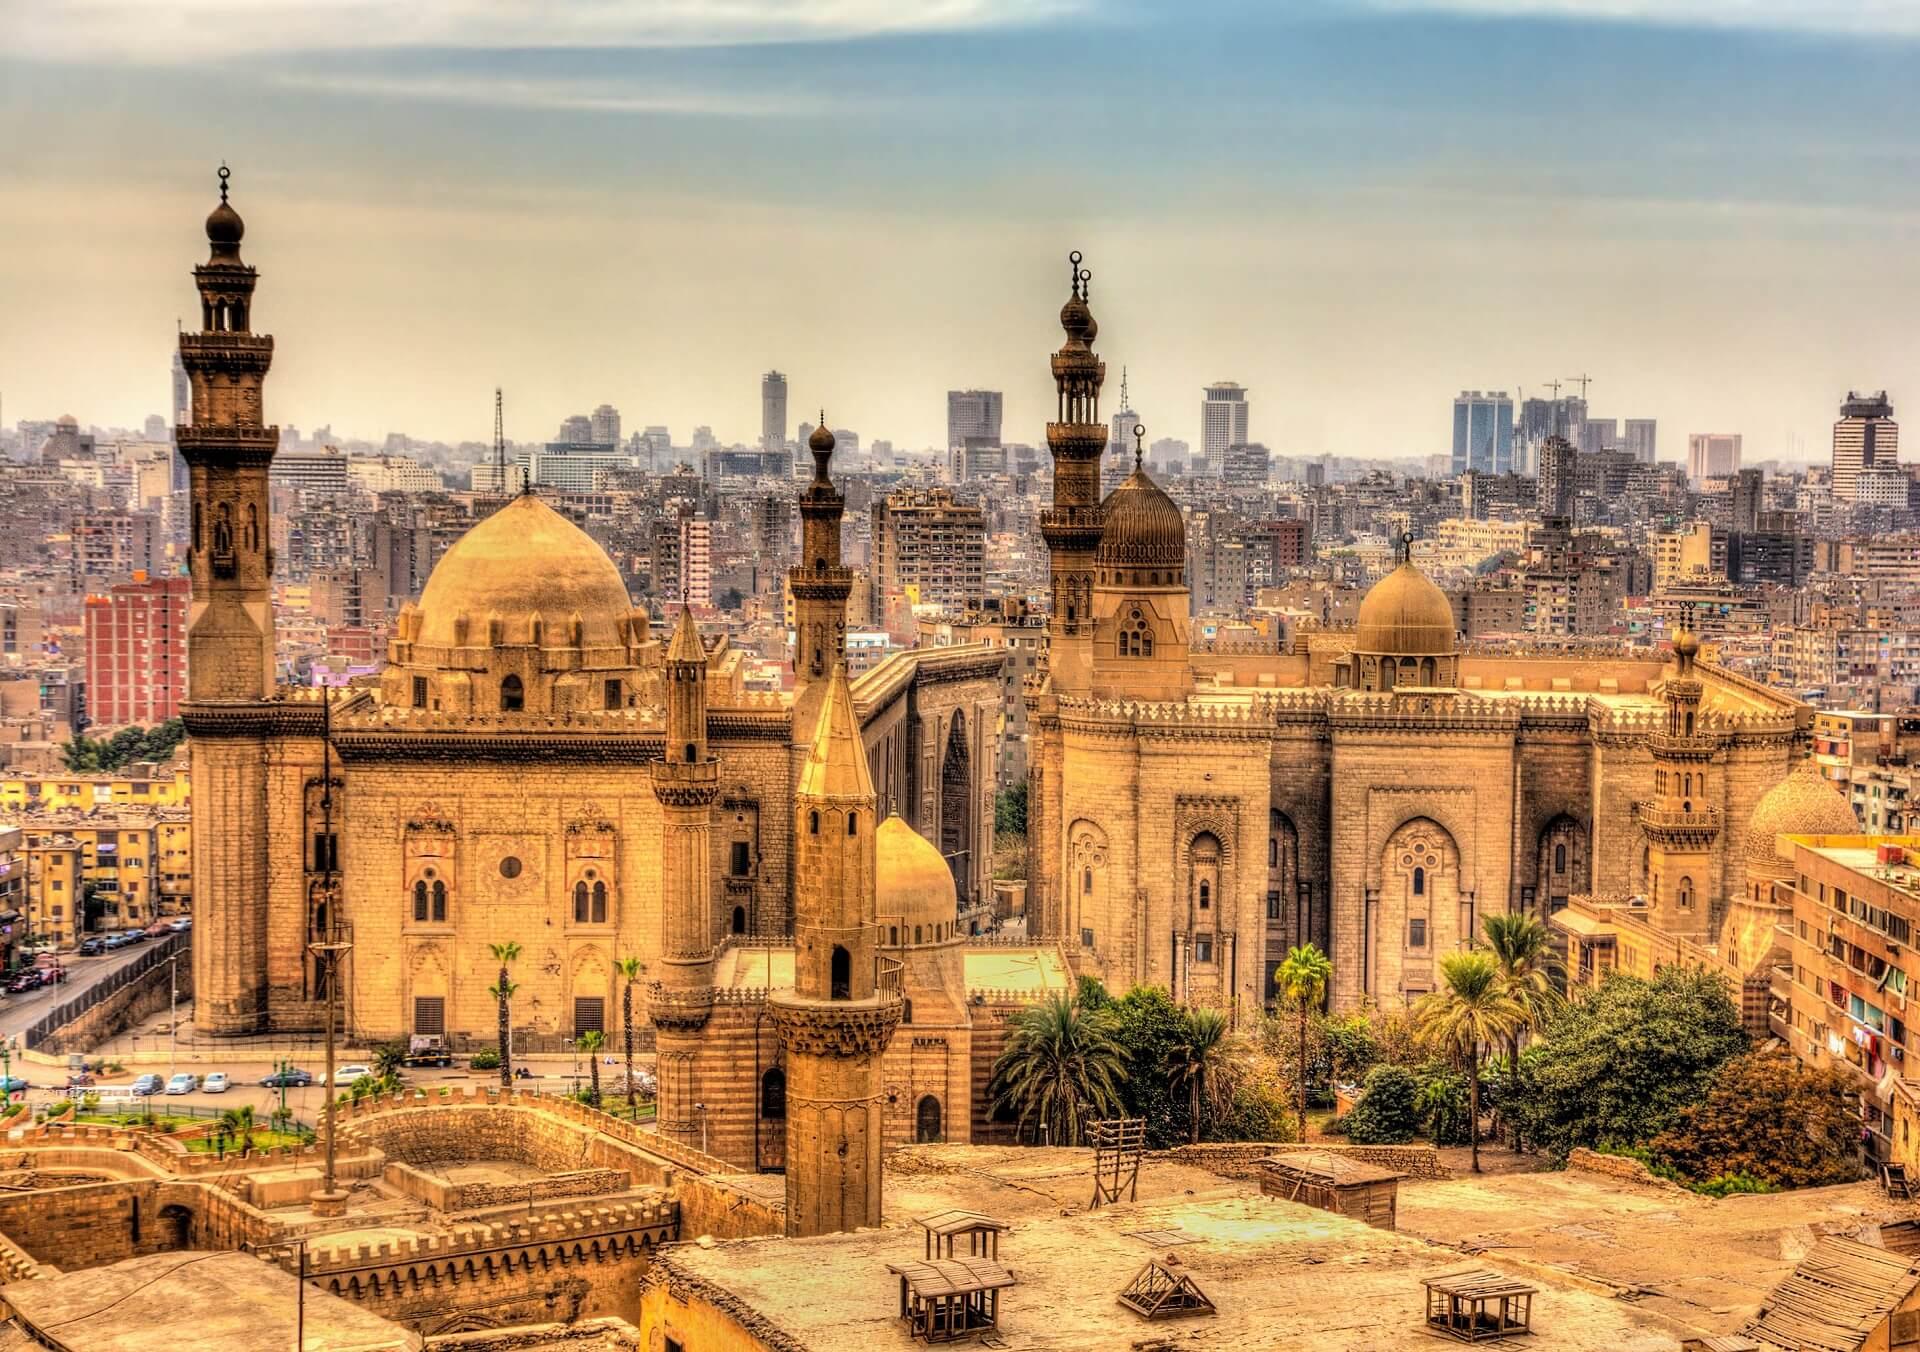 Ägypten zählt übrigens auch zu den Destinationen für Profibackpacker